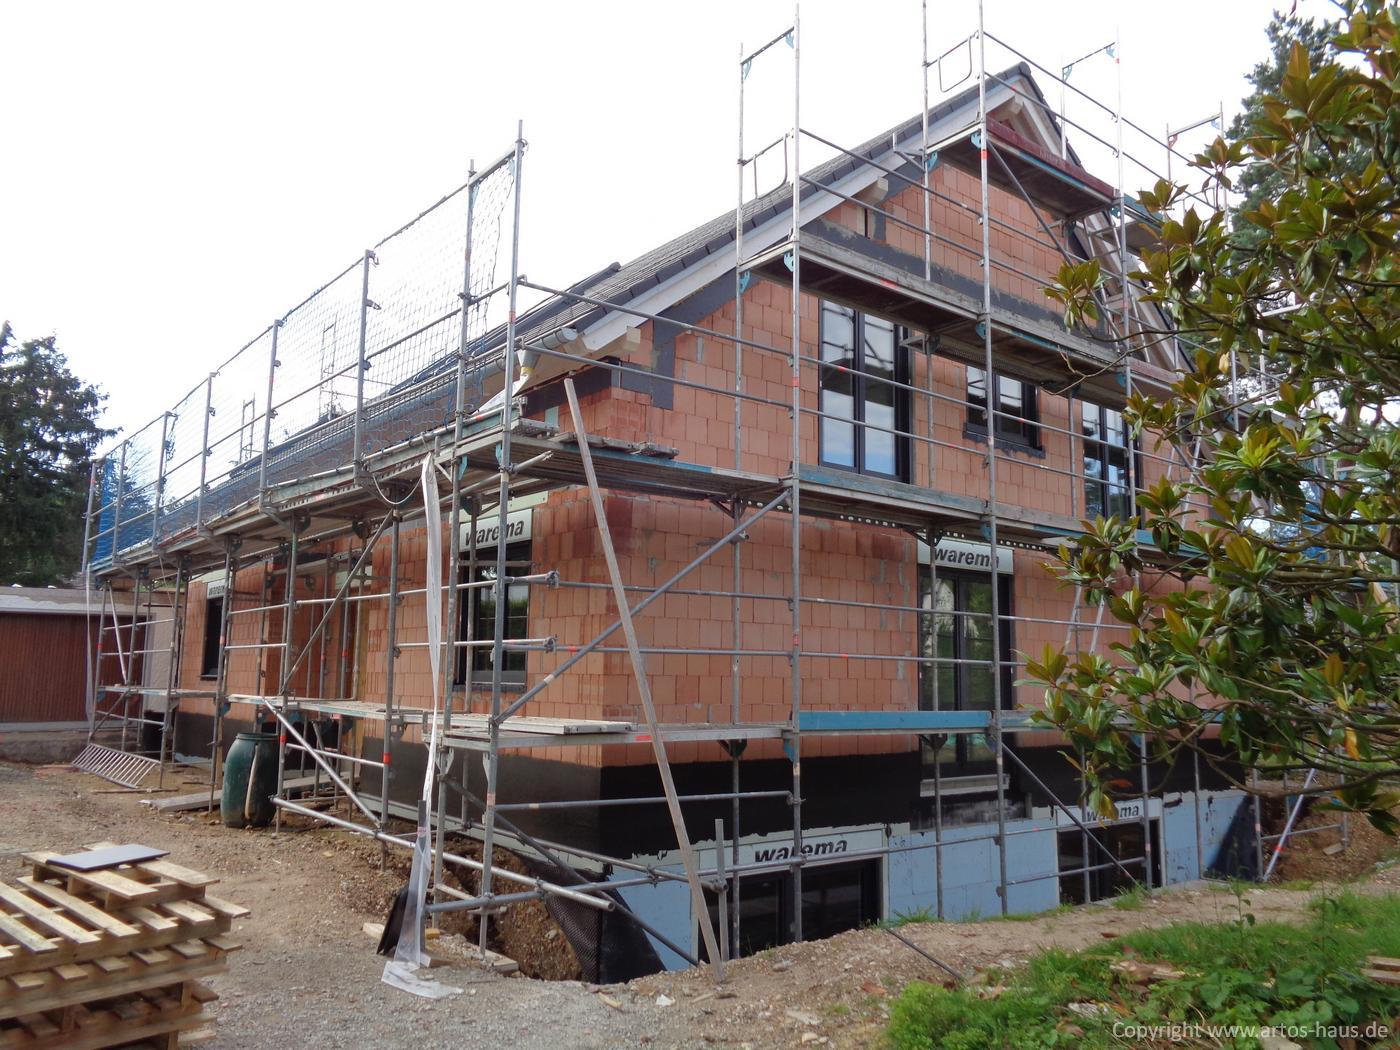 Dacheindeckung Juli 2021 ein ARTOS-HAUS Bauvorhaben Bild 3